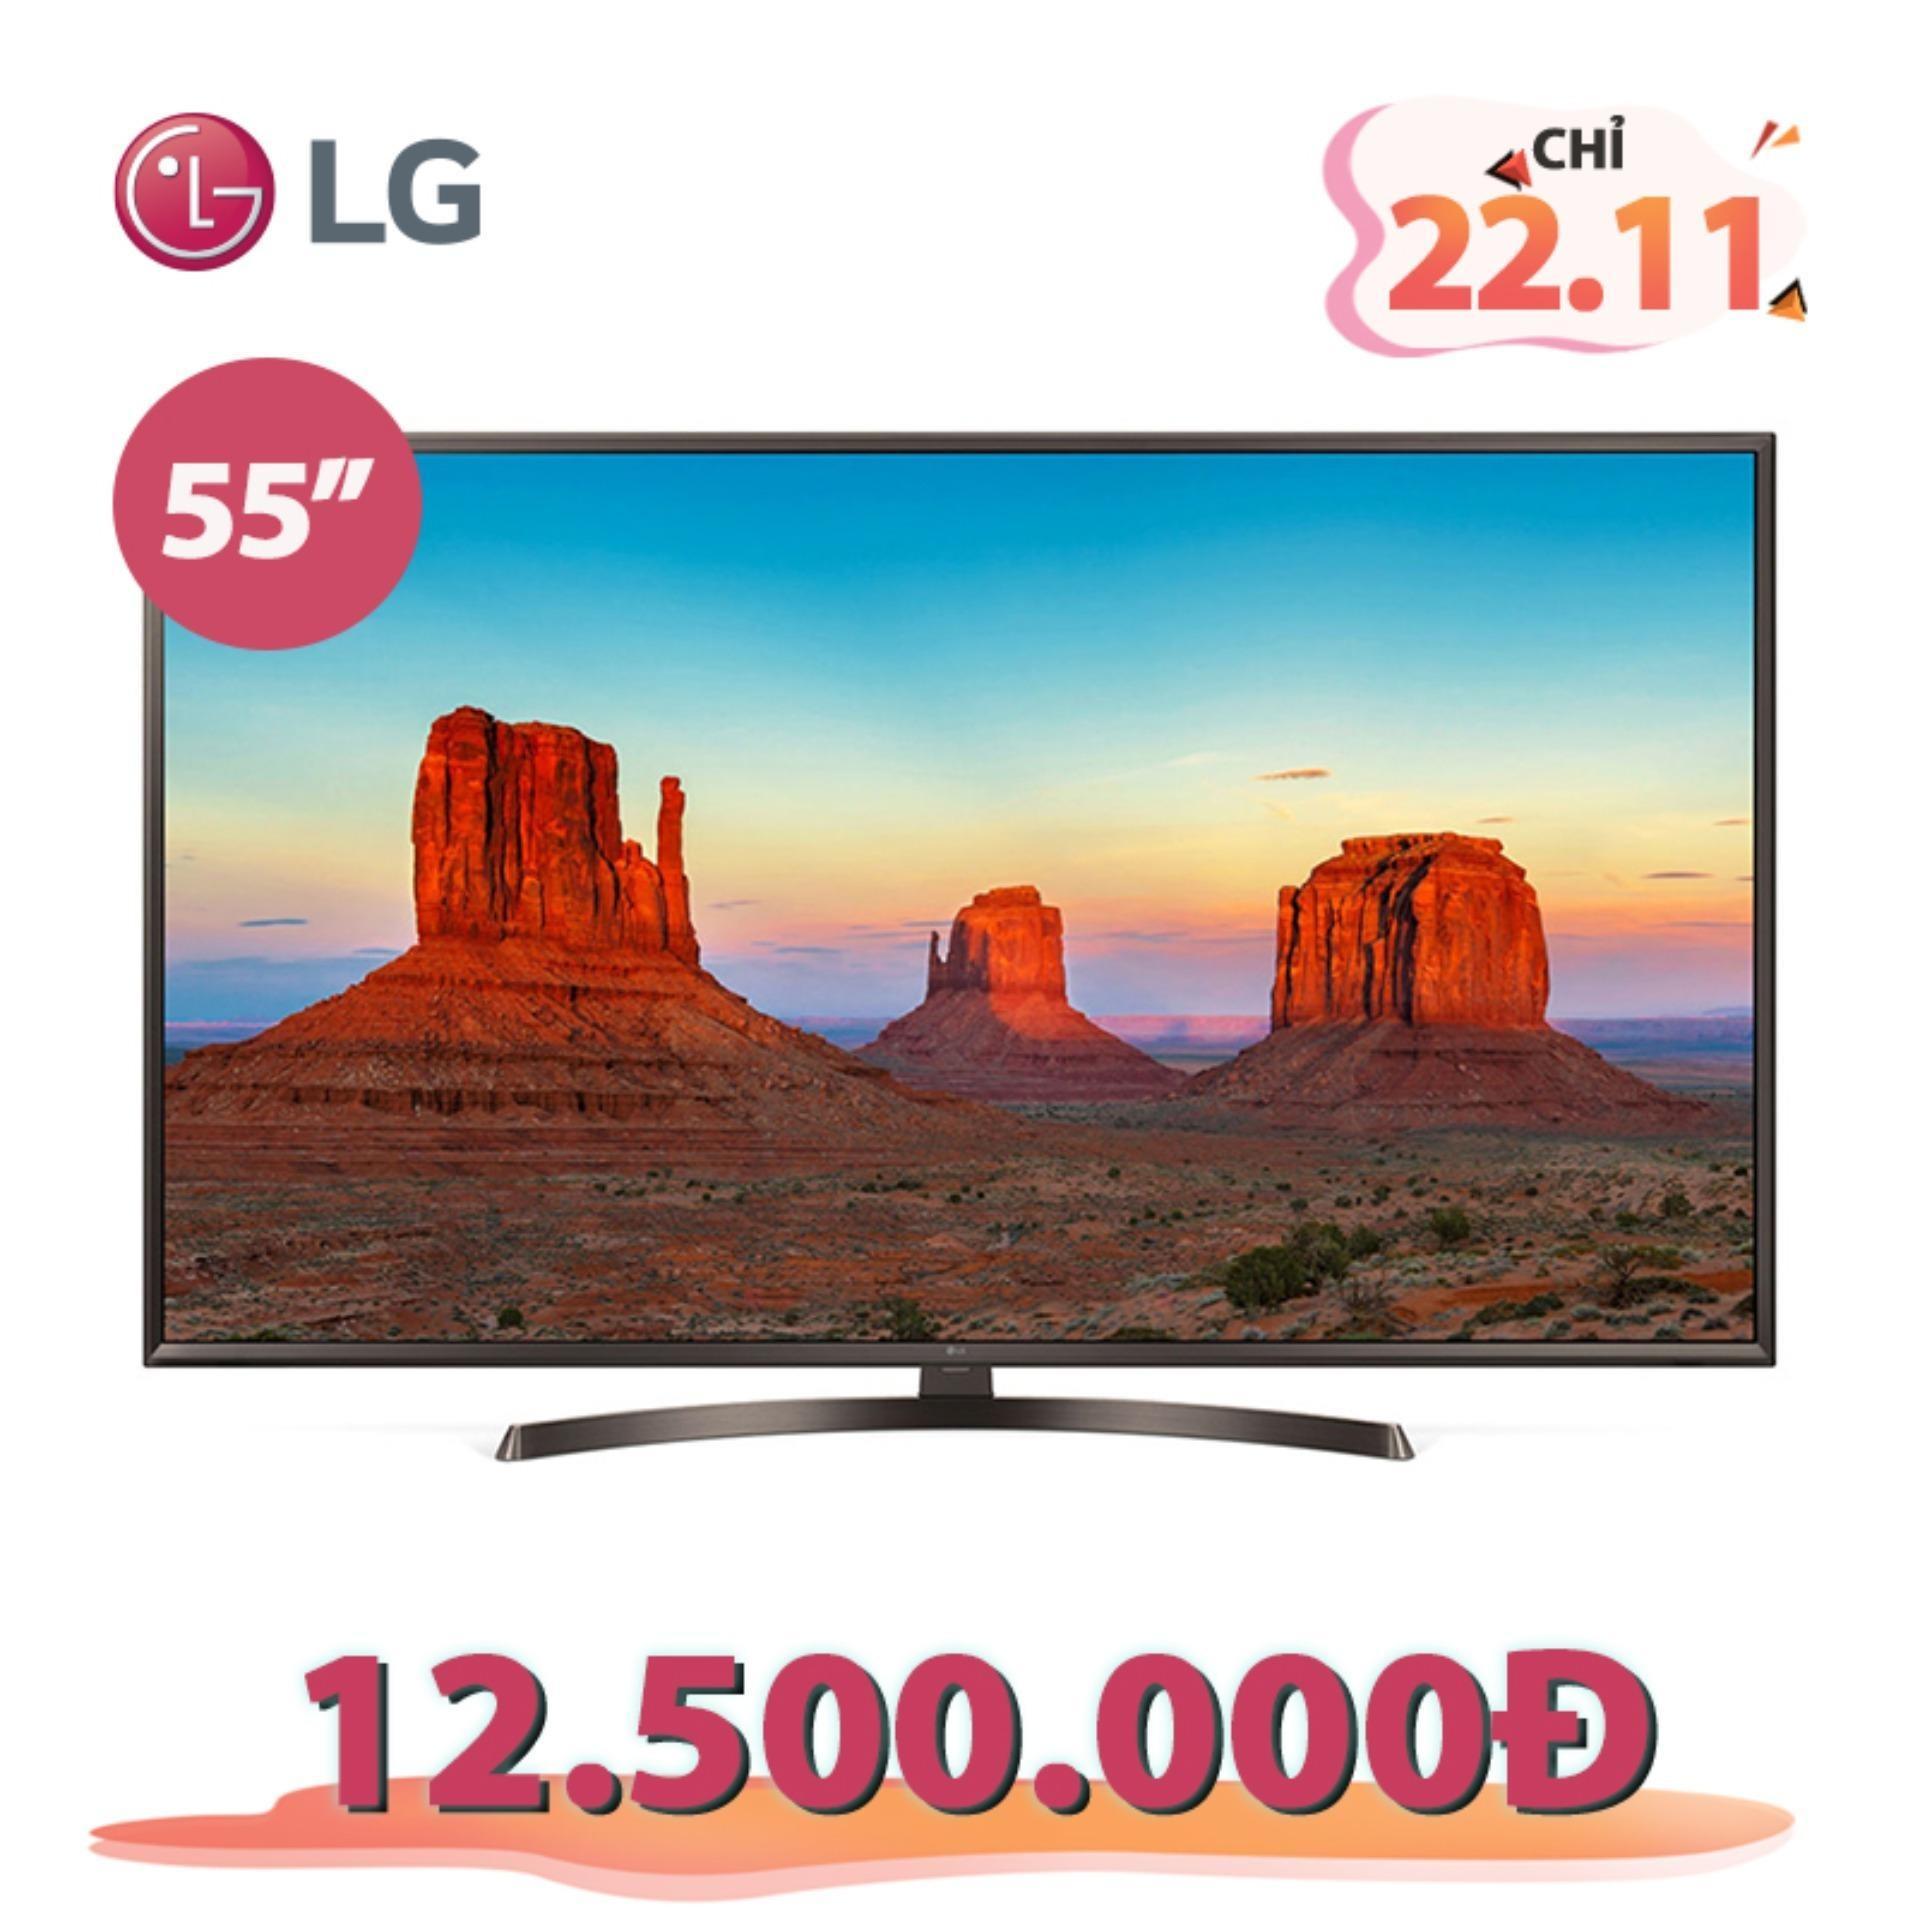 Smart TV UHD LG 55inch 4K Ultra HD - Model 55UK6340PTF (Đen) - Hãng phân phối chính thức